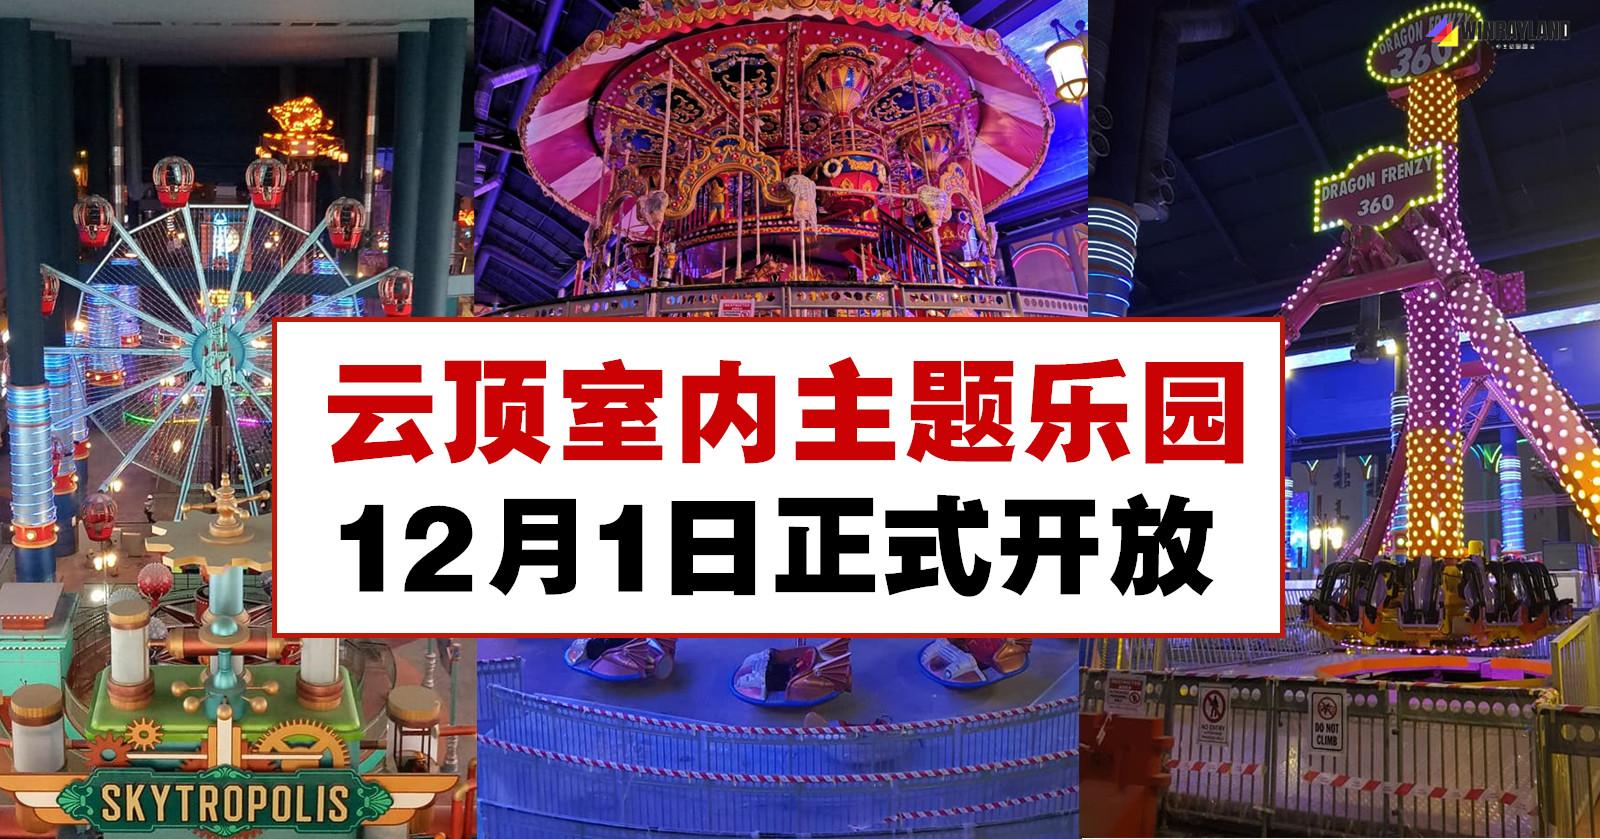 云顶室内主题乐园12月1日正式开放